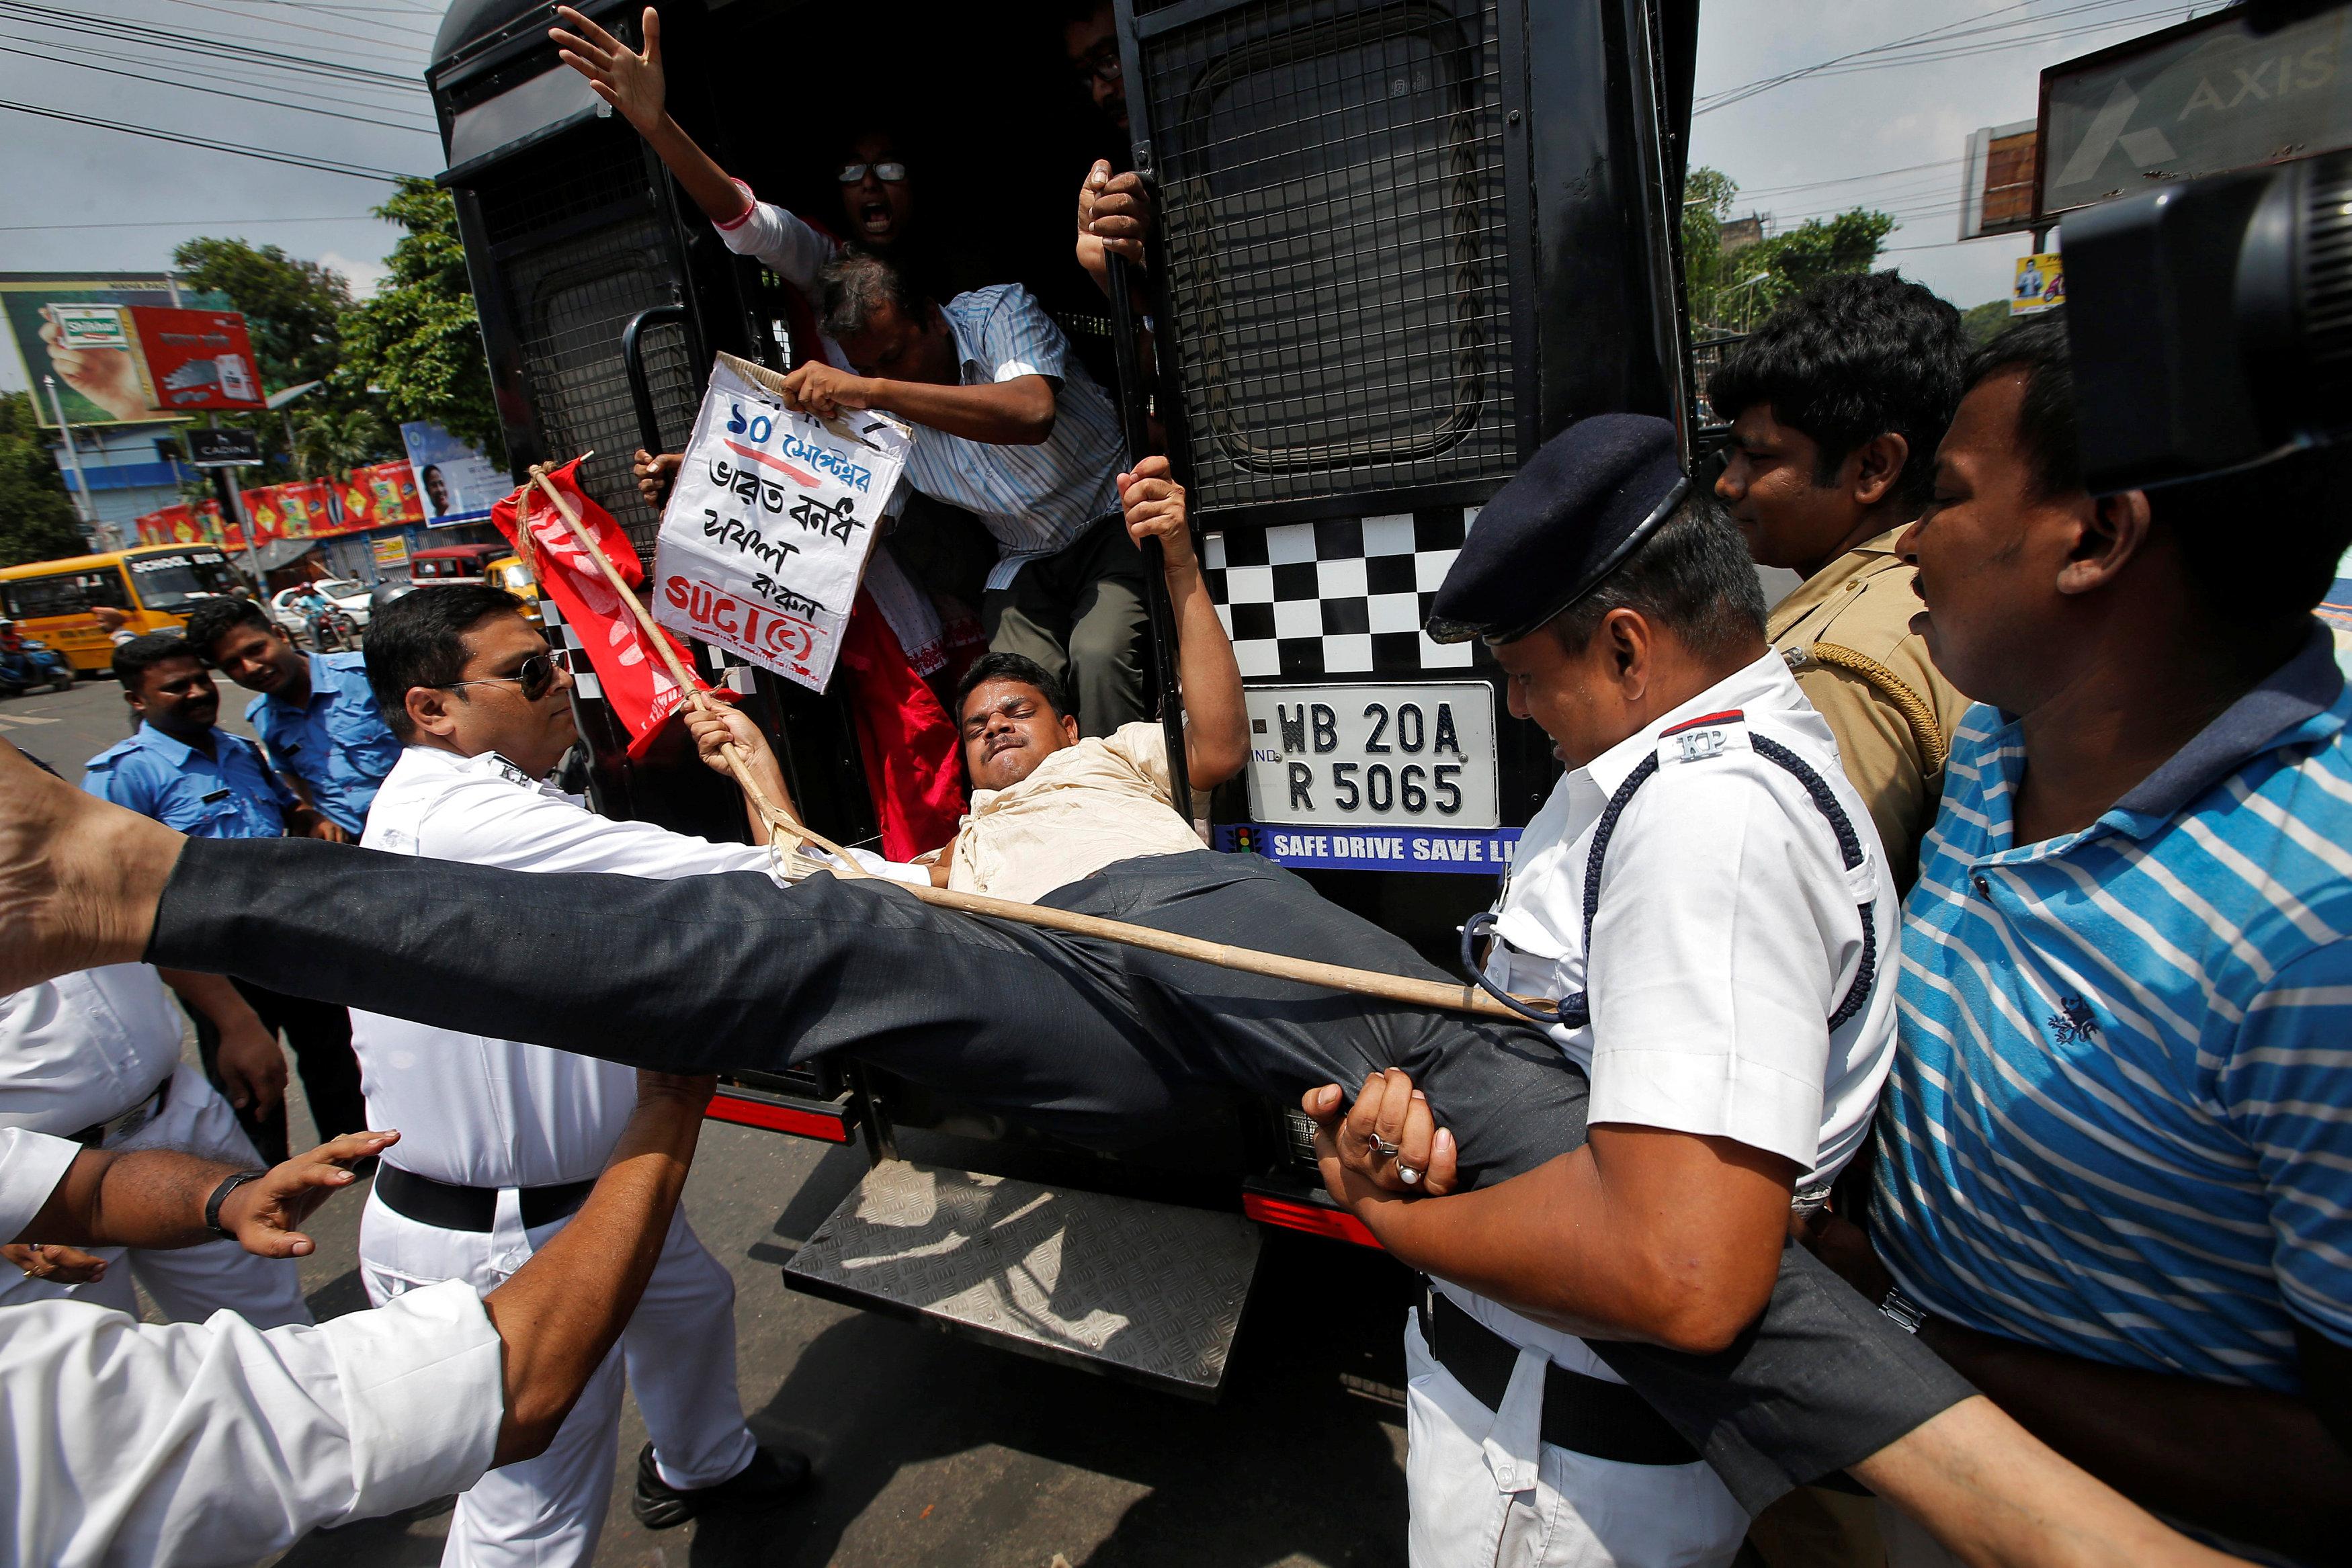 الشرطة تضبط أحد النشطاء فى مركز الوحدة الاشتراكية فى الهند فى كولكاتا